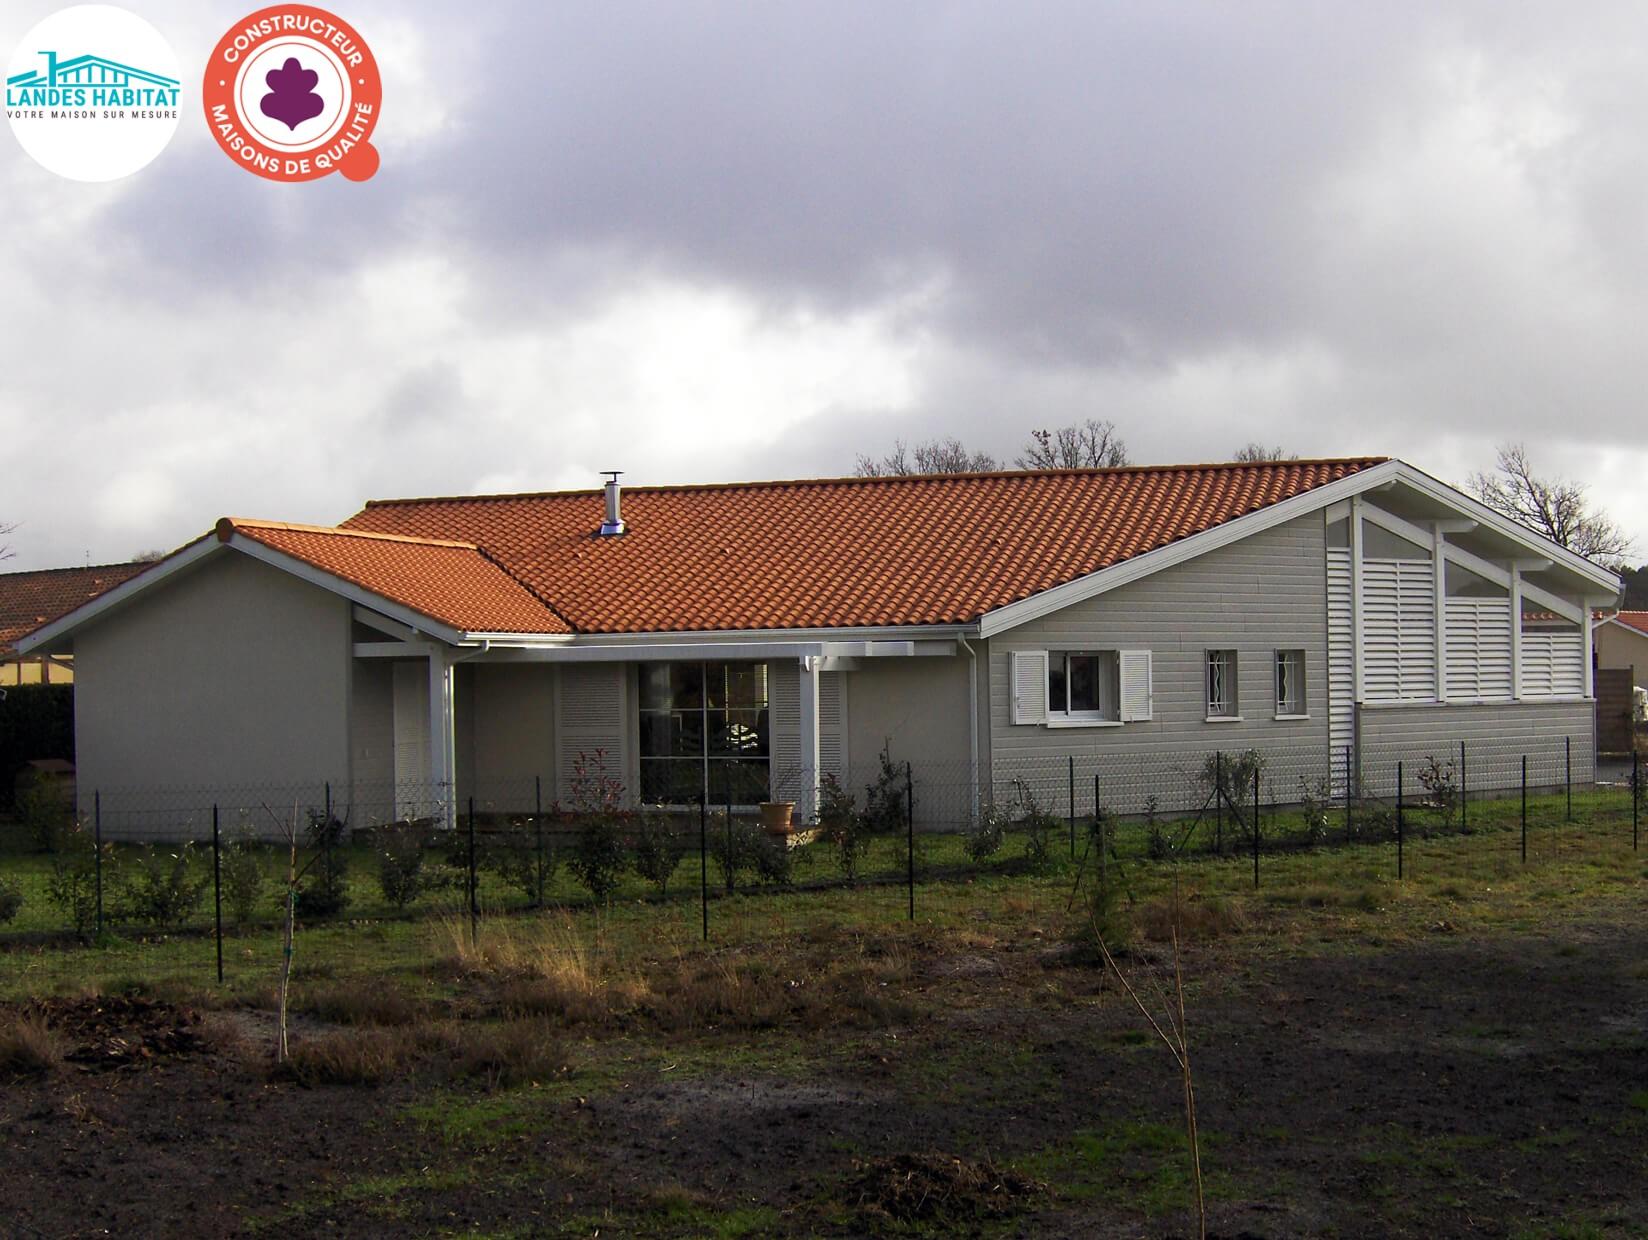 Constructeur de maison landes ventana blog for Constructeur maison landes